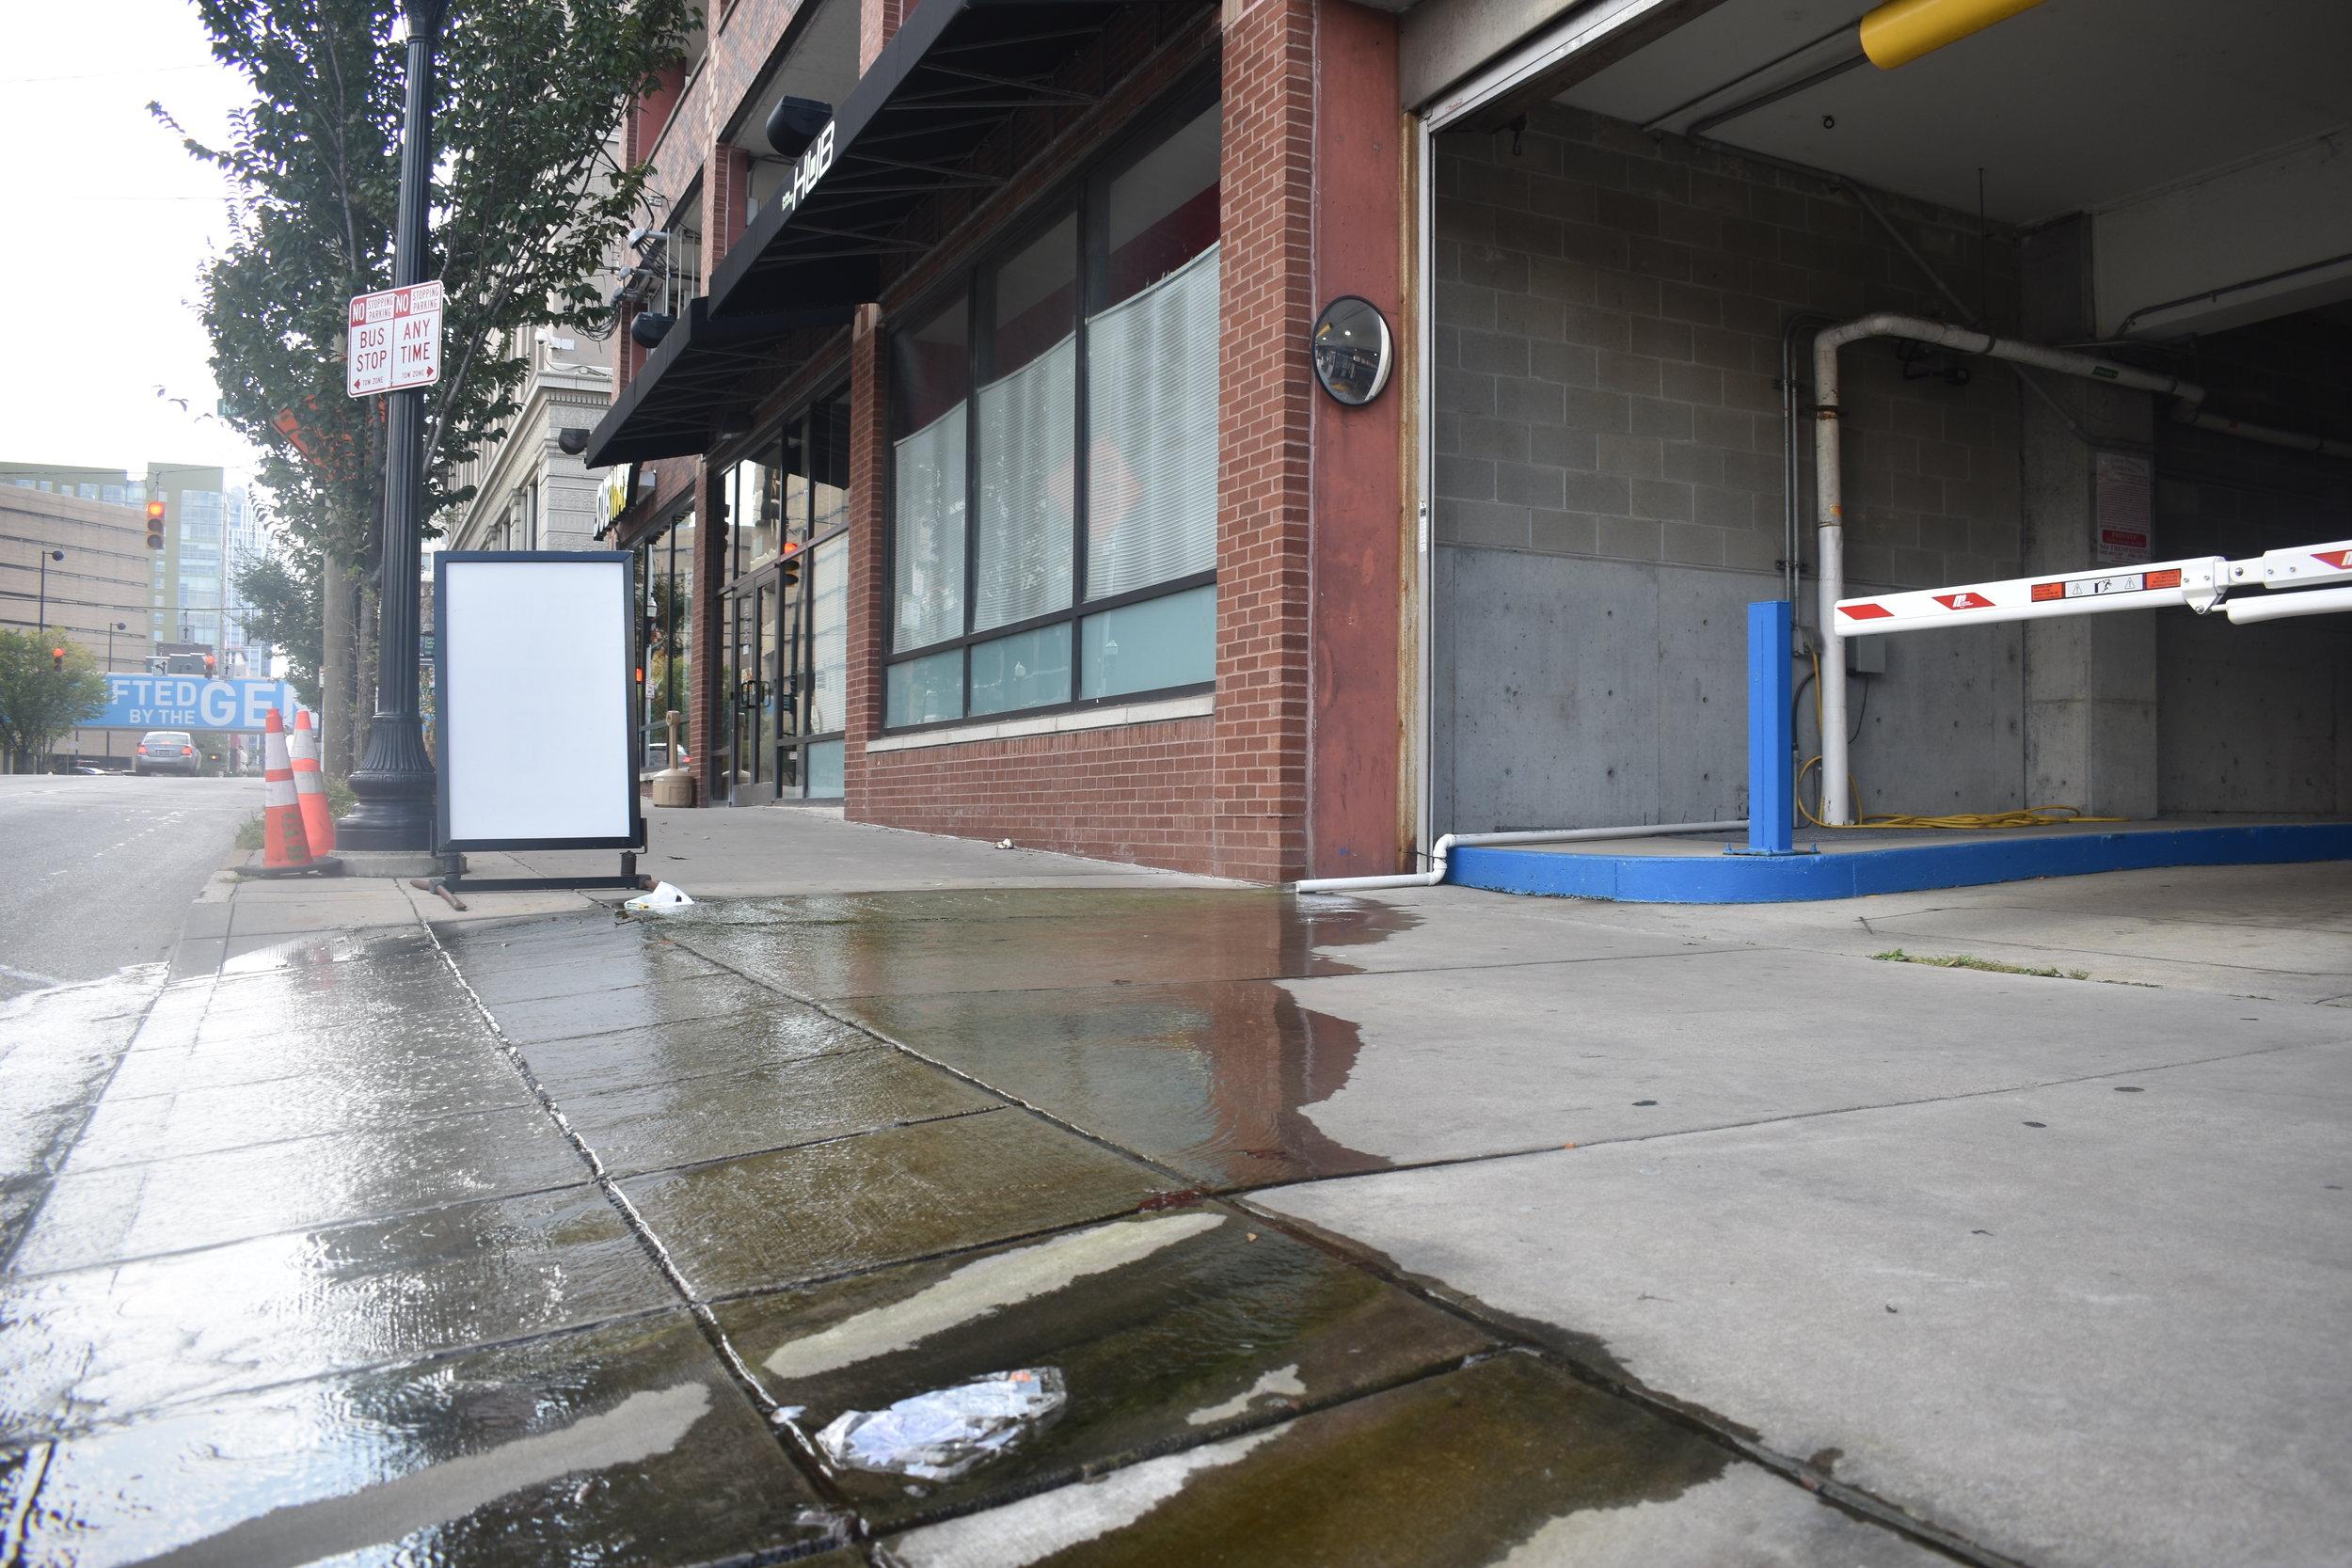 Parkhaus sidewalk.JPG